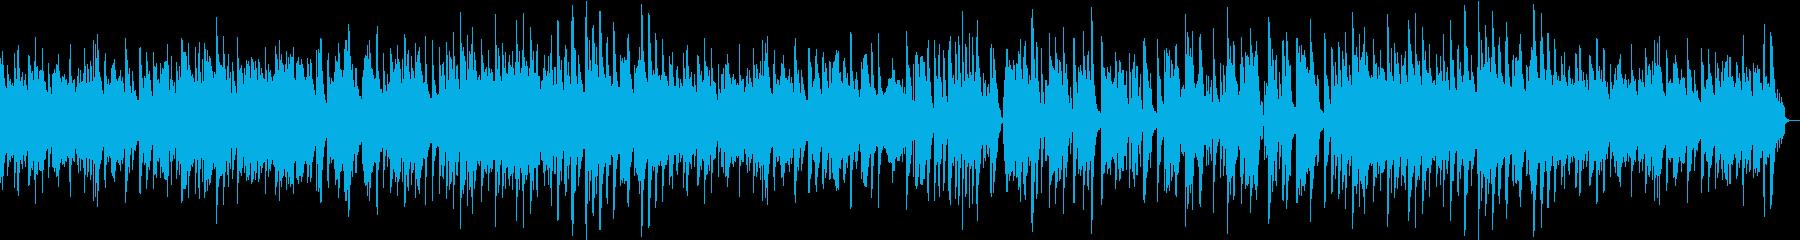 ほのぼのしたハーモニカのバラードの再生済みの波形